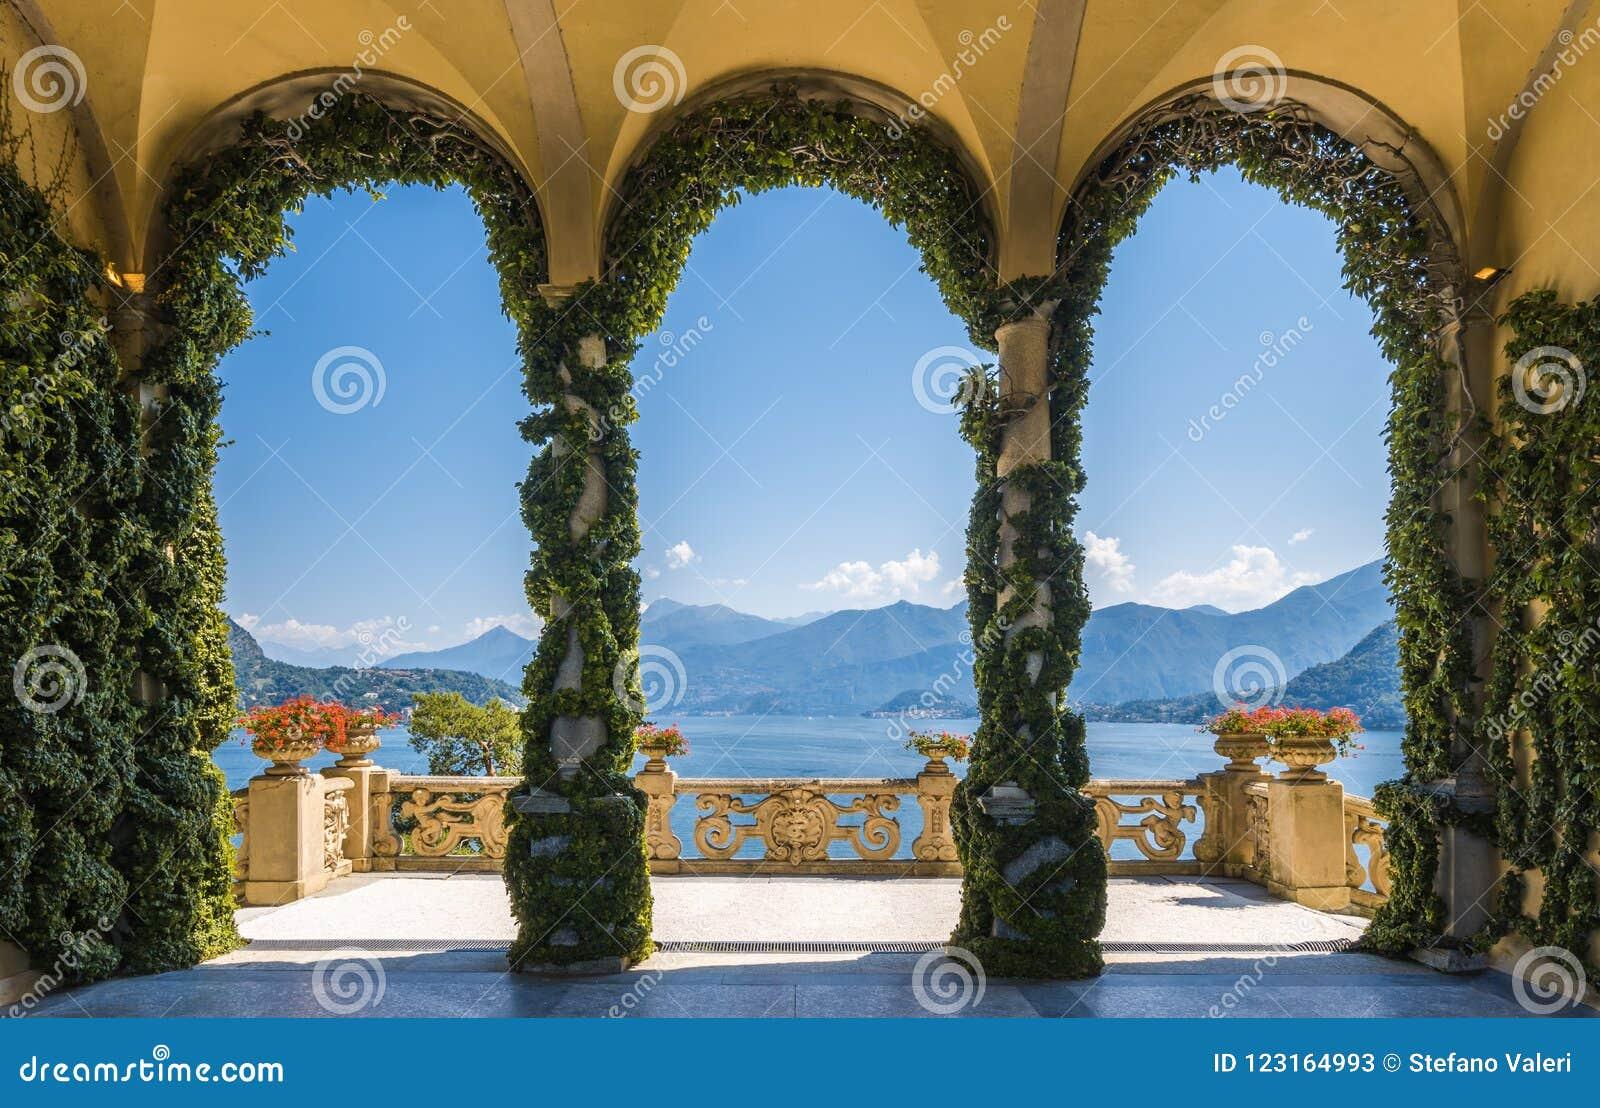 俯视著名Villa的在伦诺comune的del Balbianello的风景阳台科莫湖,  意大利伦巴第